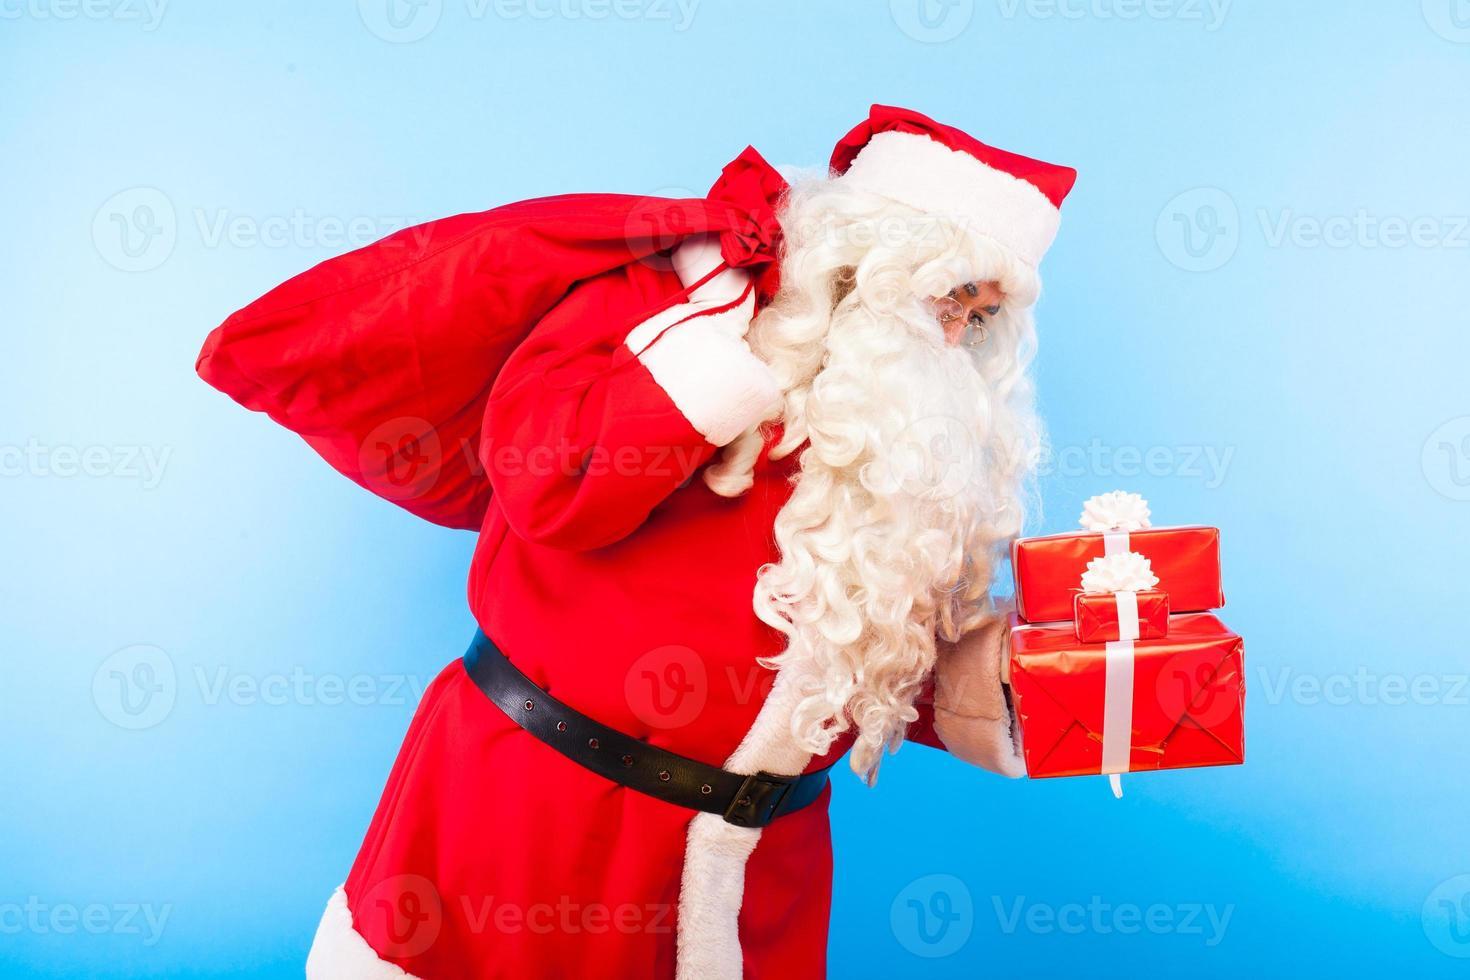 père noël avec des cadeaux sur les mains sur fond bleu photo